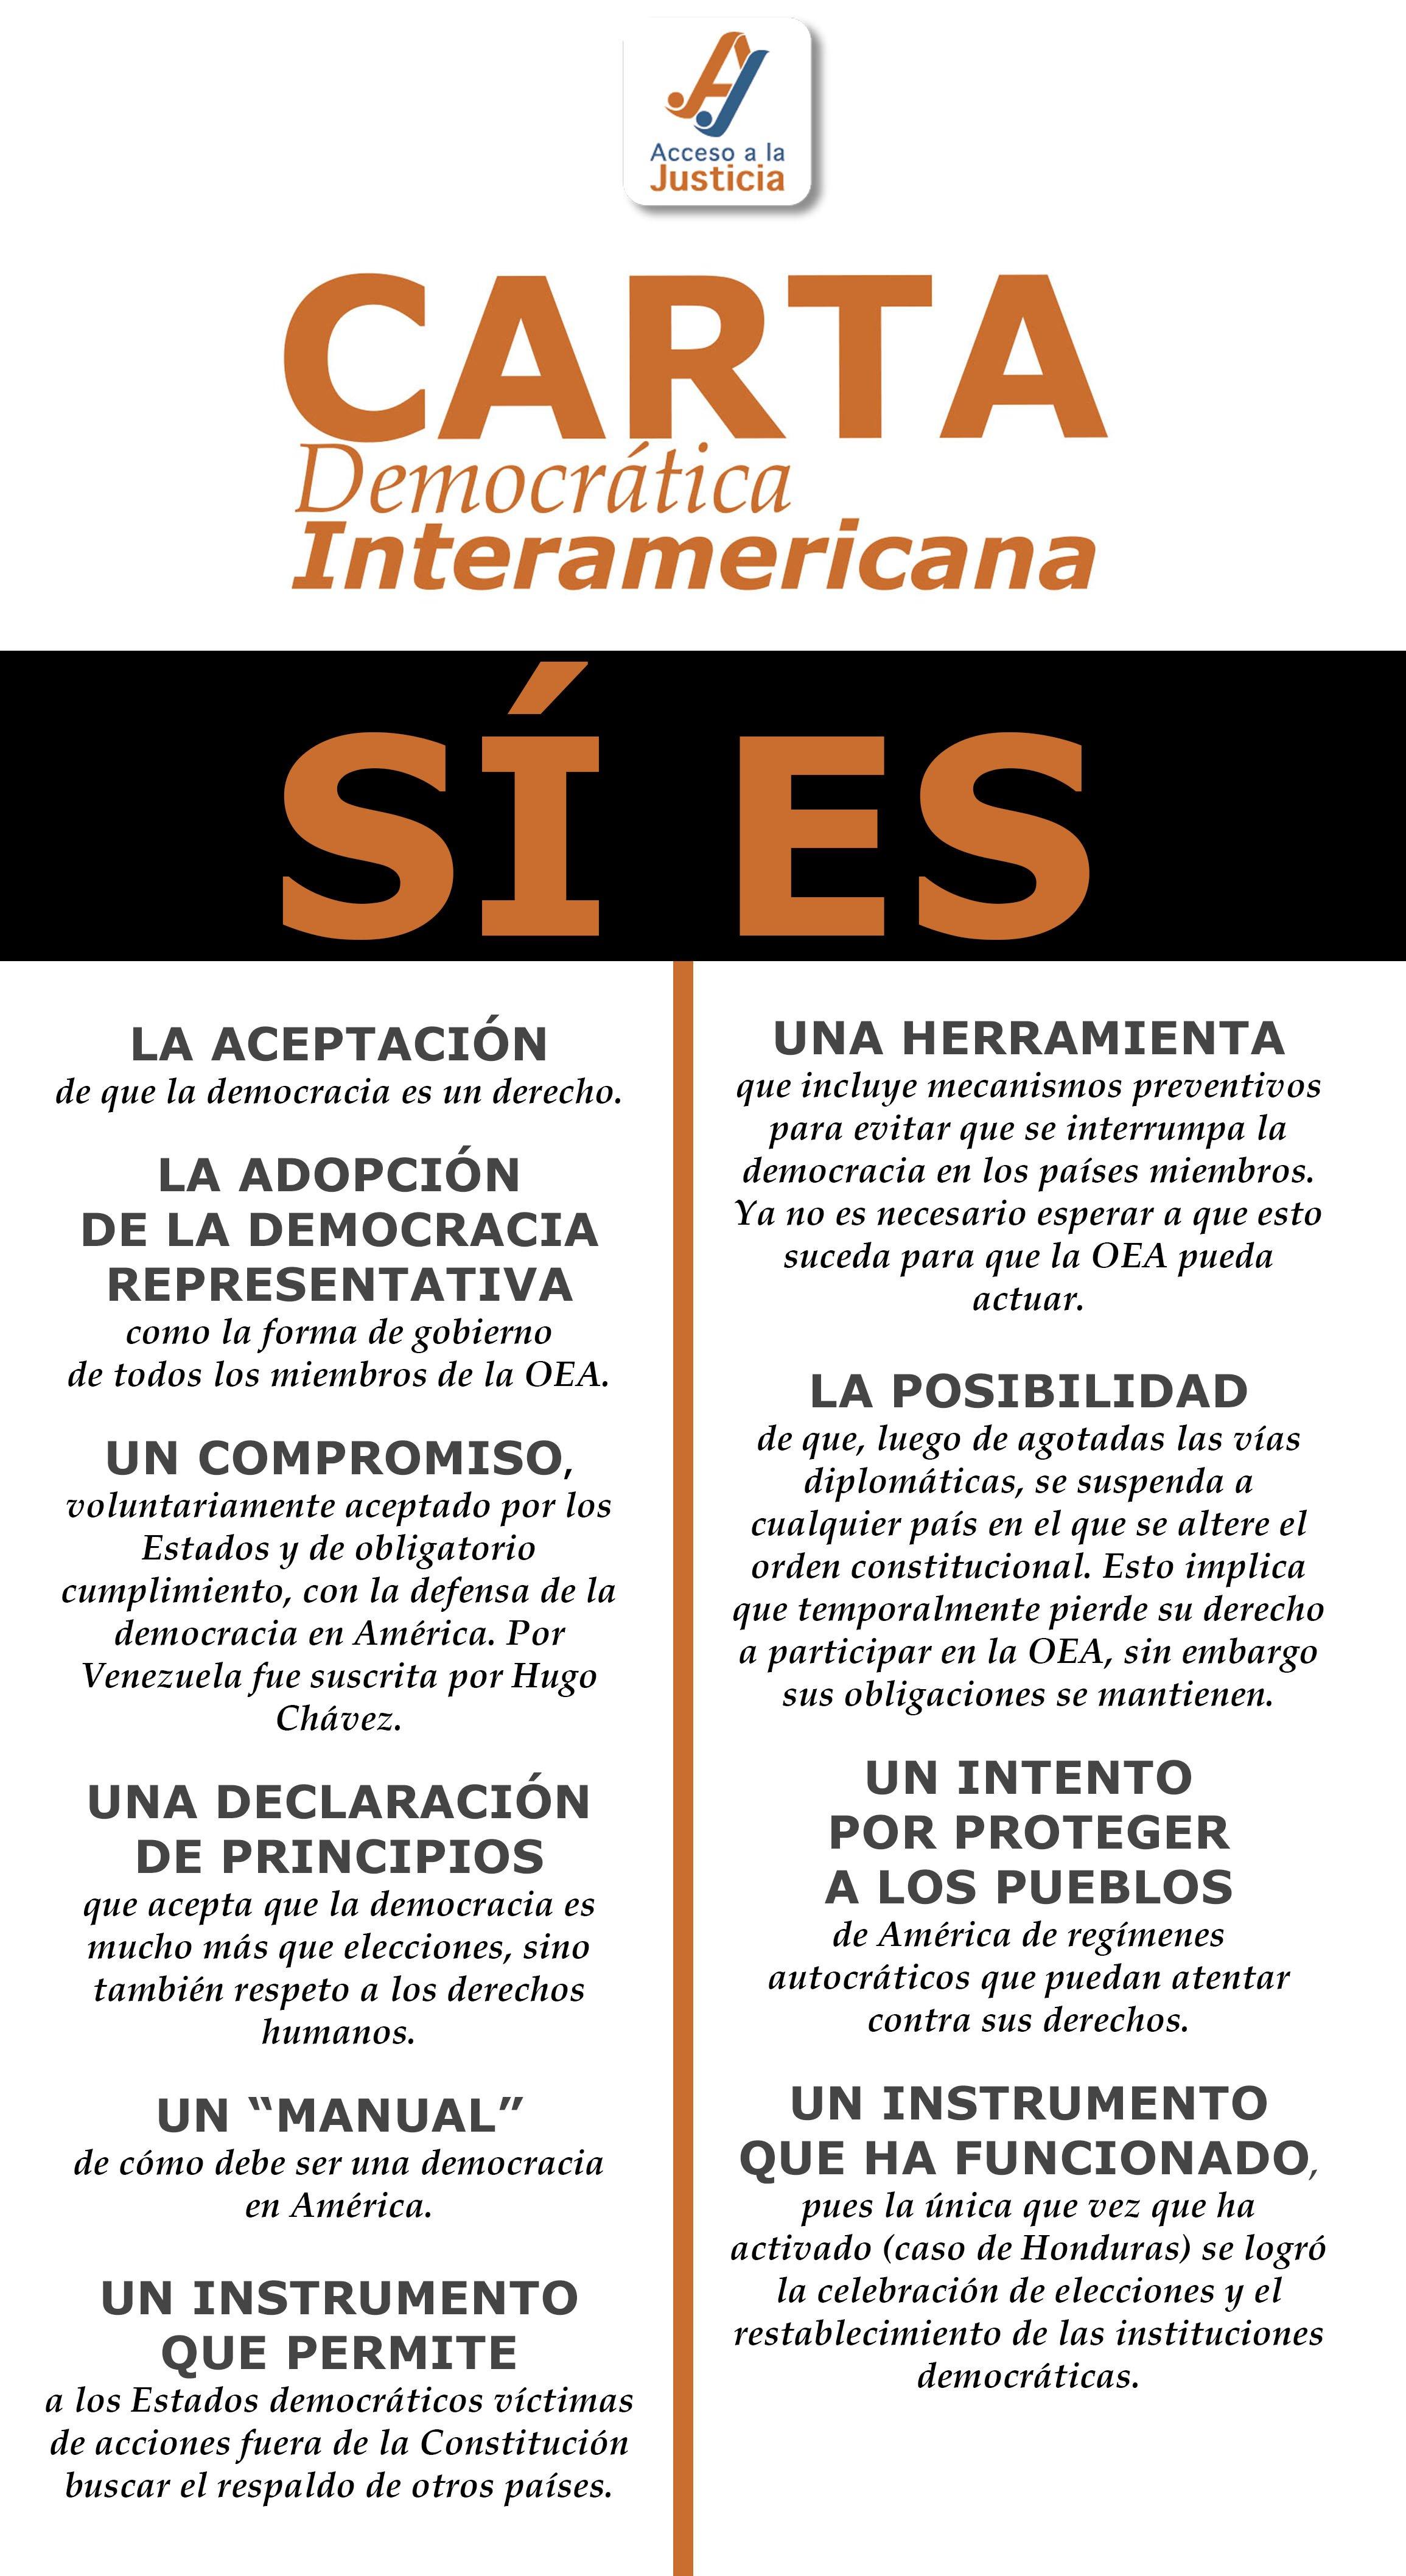 ¿Qué es la Carta Democrática Interamericana?